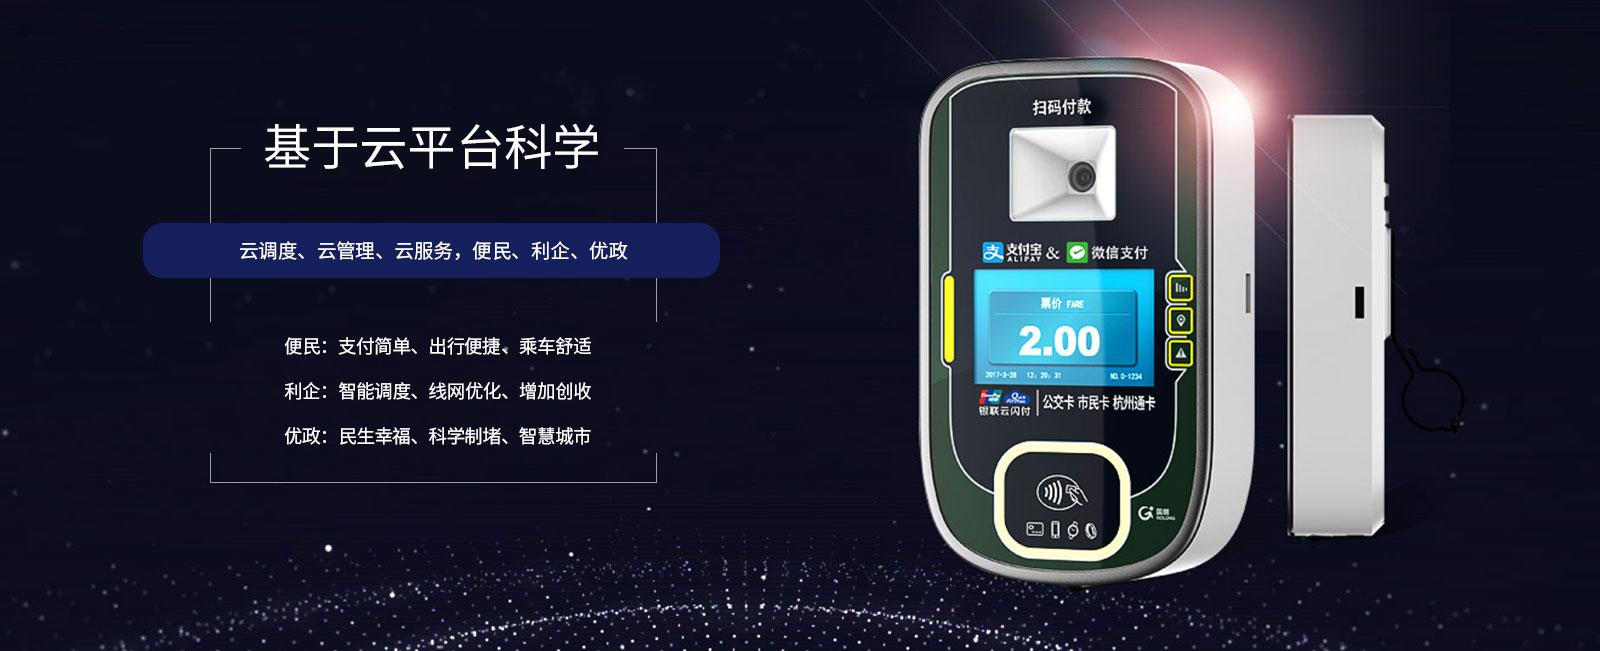 杭州国朗科技有限公司